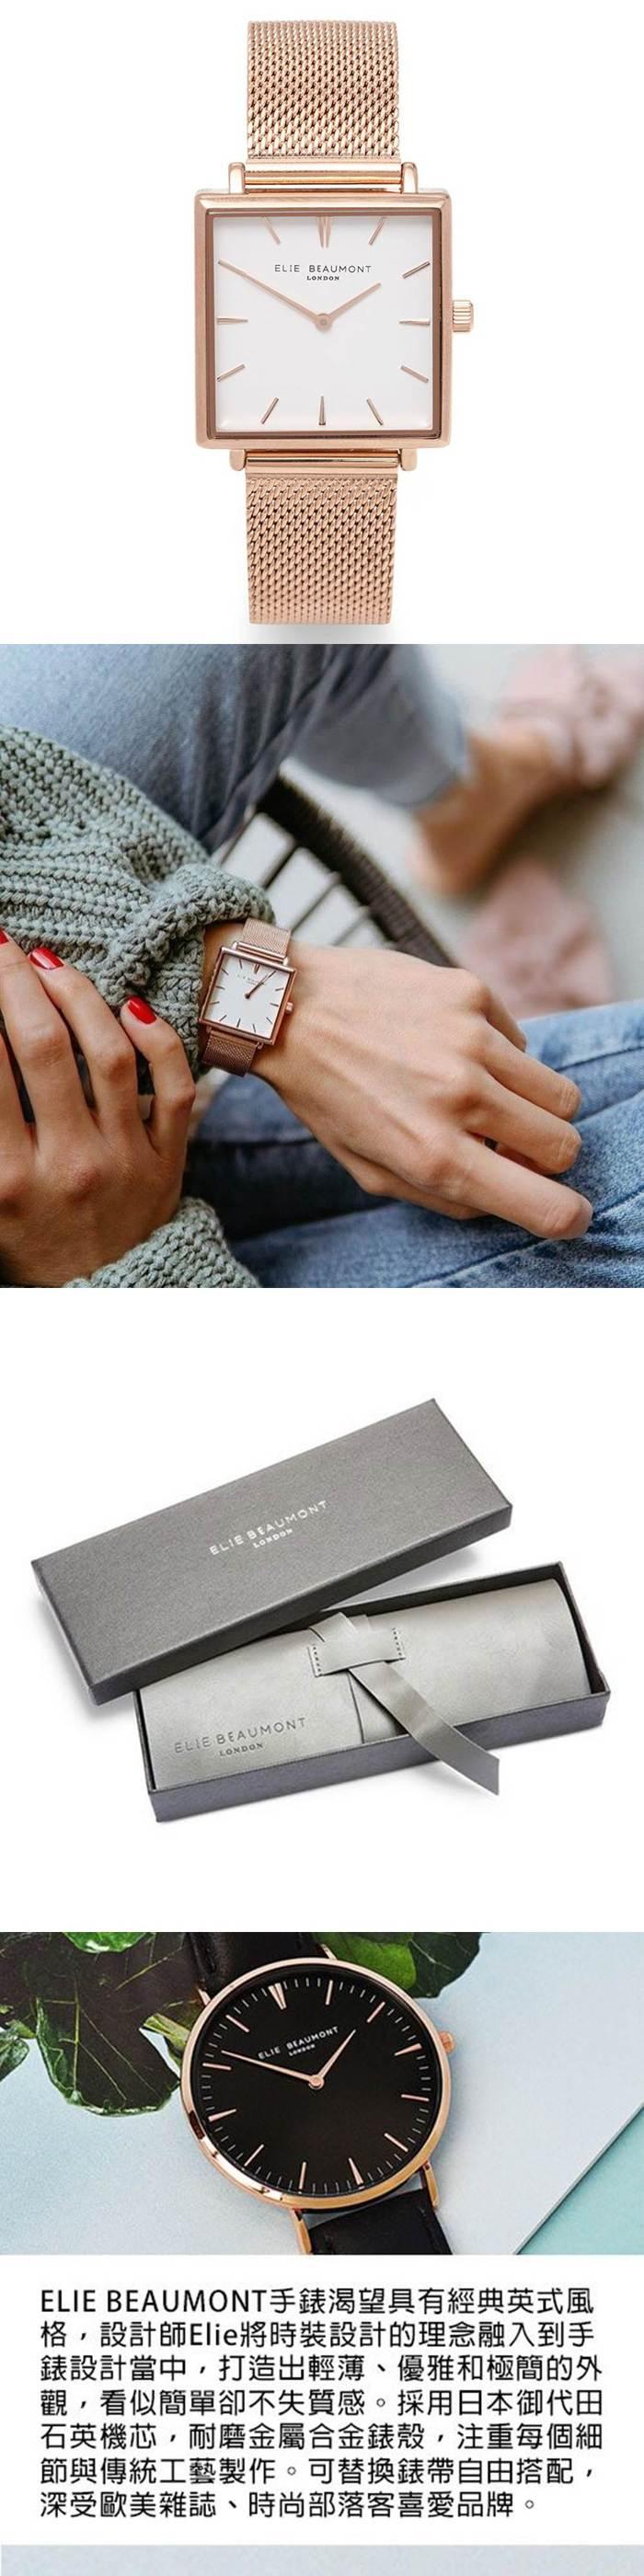 (複製)Elie Beaumont 英國時尚手錶 大理石系列 白錶盤x珊瑚粉皮革錶帶x玫瑰金錶框38mm